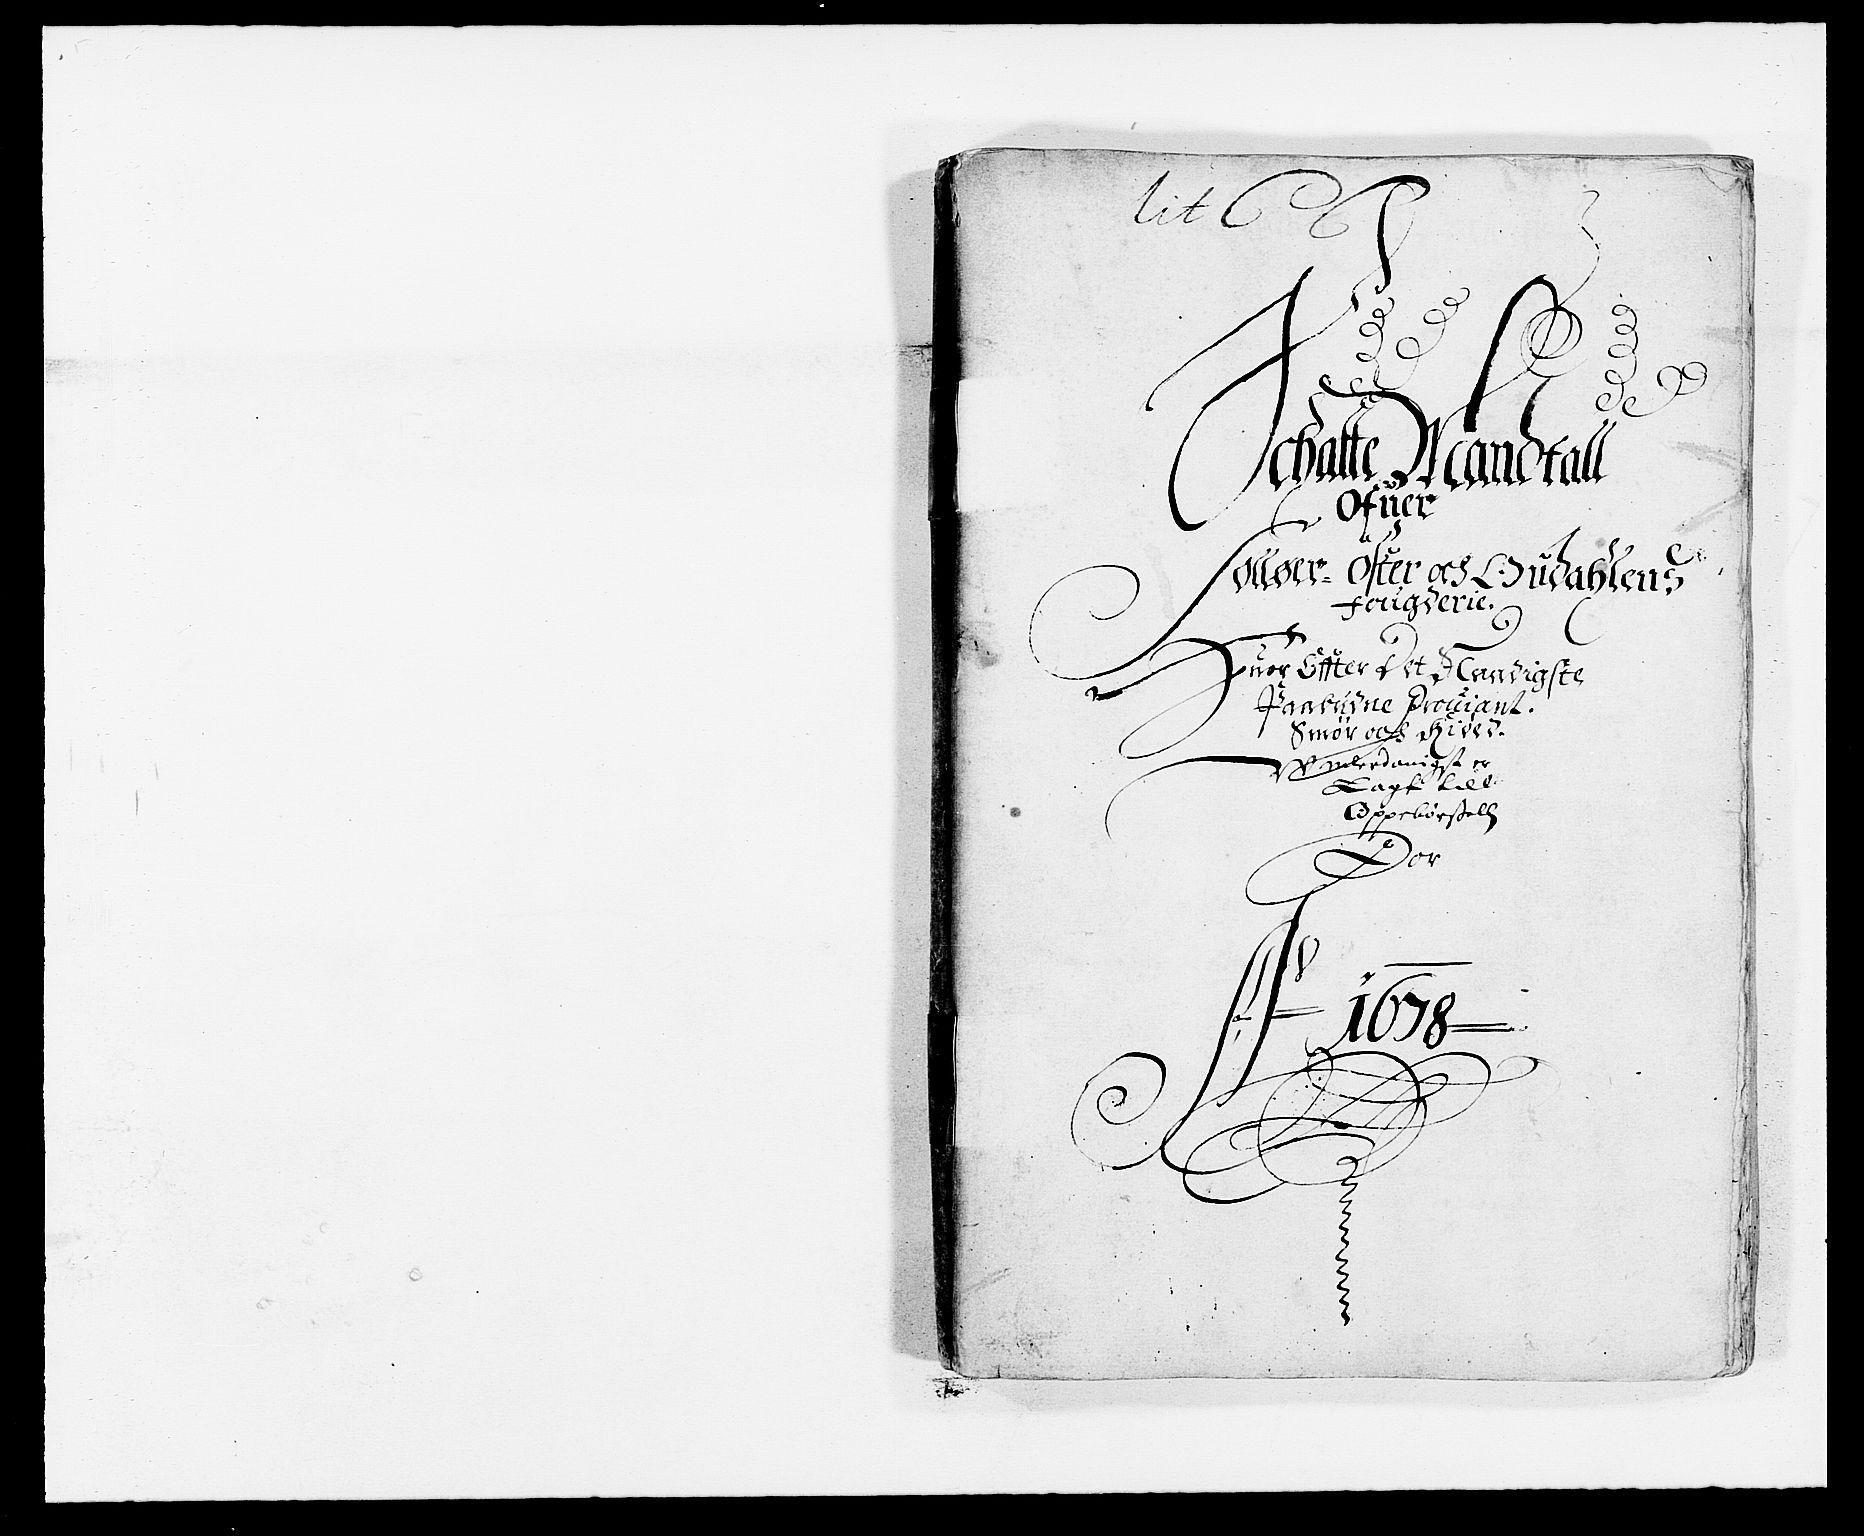 RA, Rentekammeret inntil 1814, Reviderte regnskaper, Fogderegnskap, R13/L0815: Fogderegnskap Solør, Odal og Østerdal, 1678, s. 1